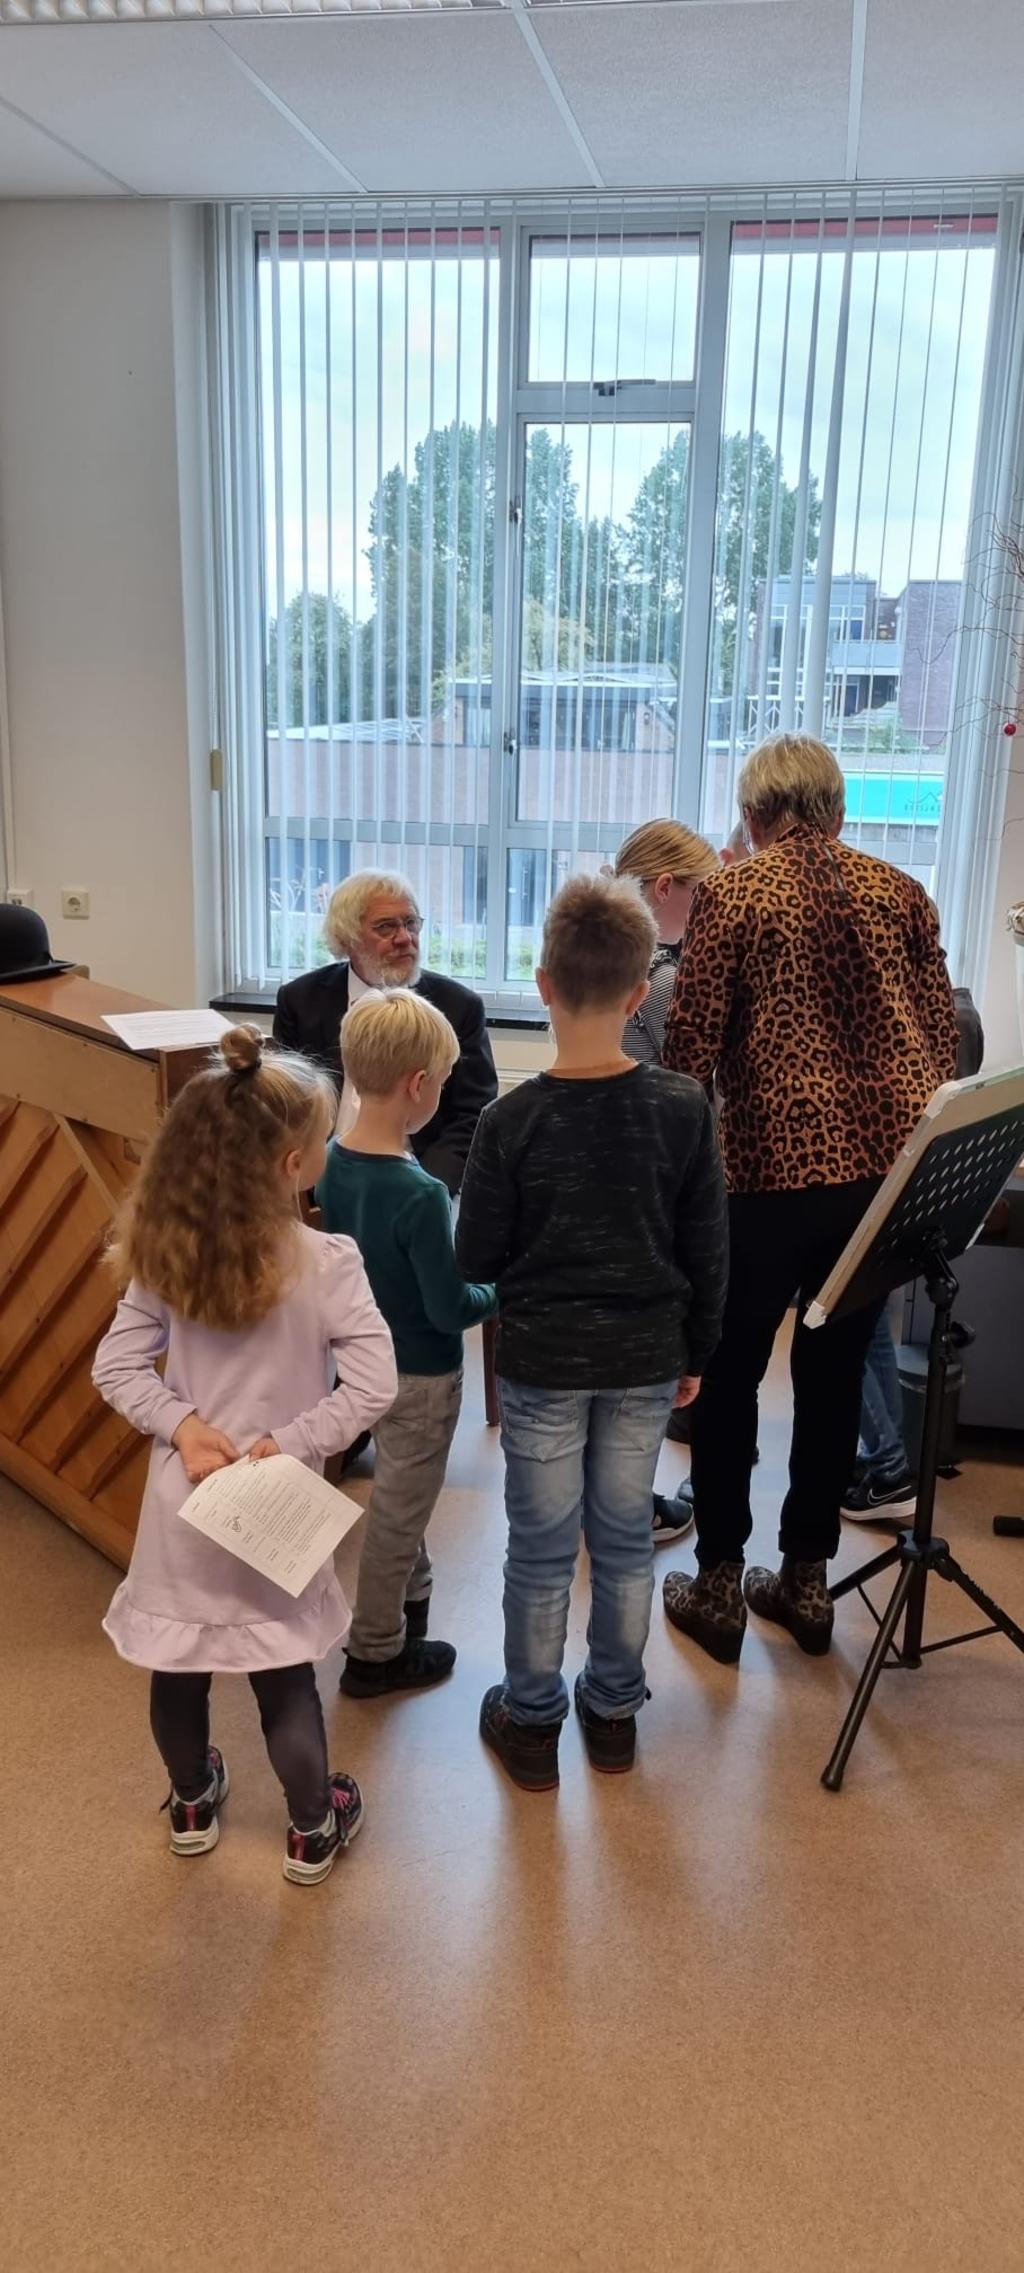 John Numeijer achter de piano. ((Foto: aangeleverd)) © rodi